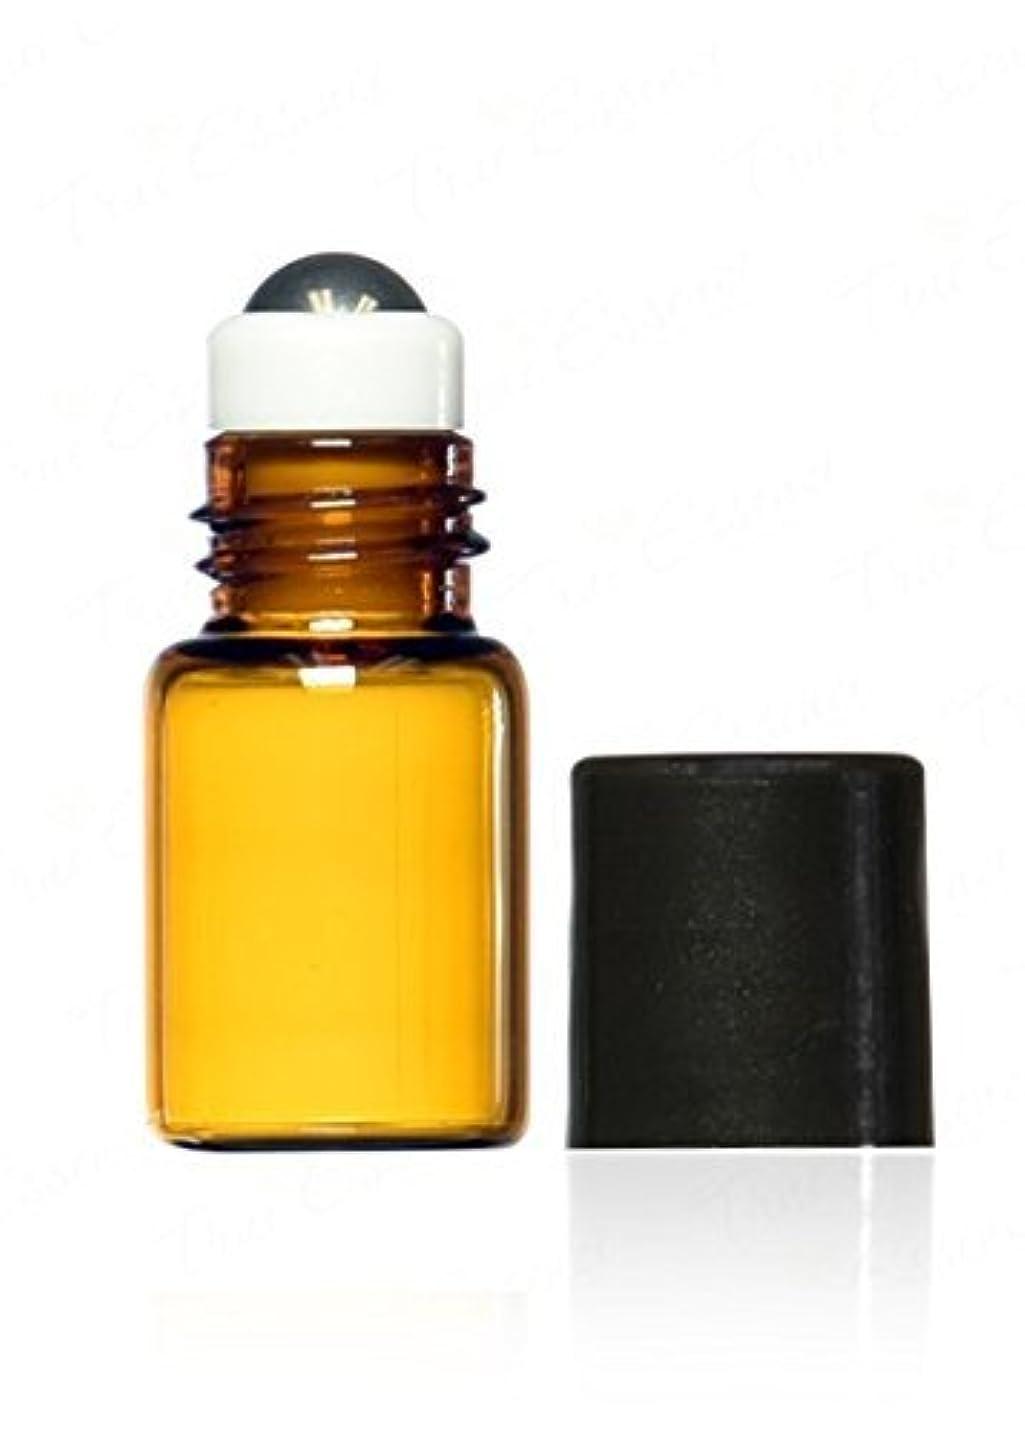 割り込み脅威失望させるTrue Essence 3 ml, 3/4 Dram Amber Glass Mini Roll-on Glass Bottles with Metal Roller Balls - Refillable Aromatherapy...